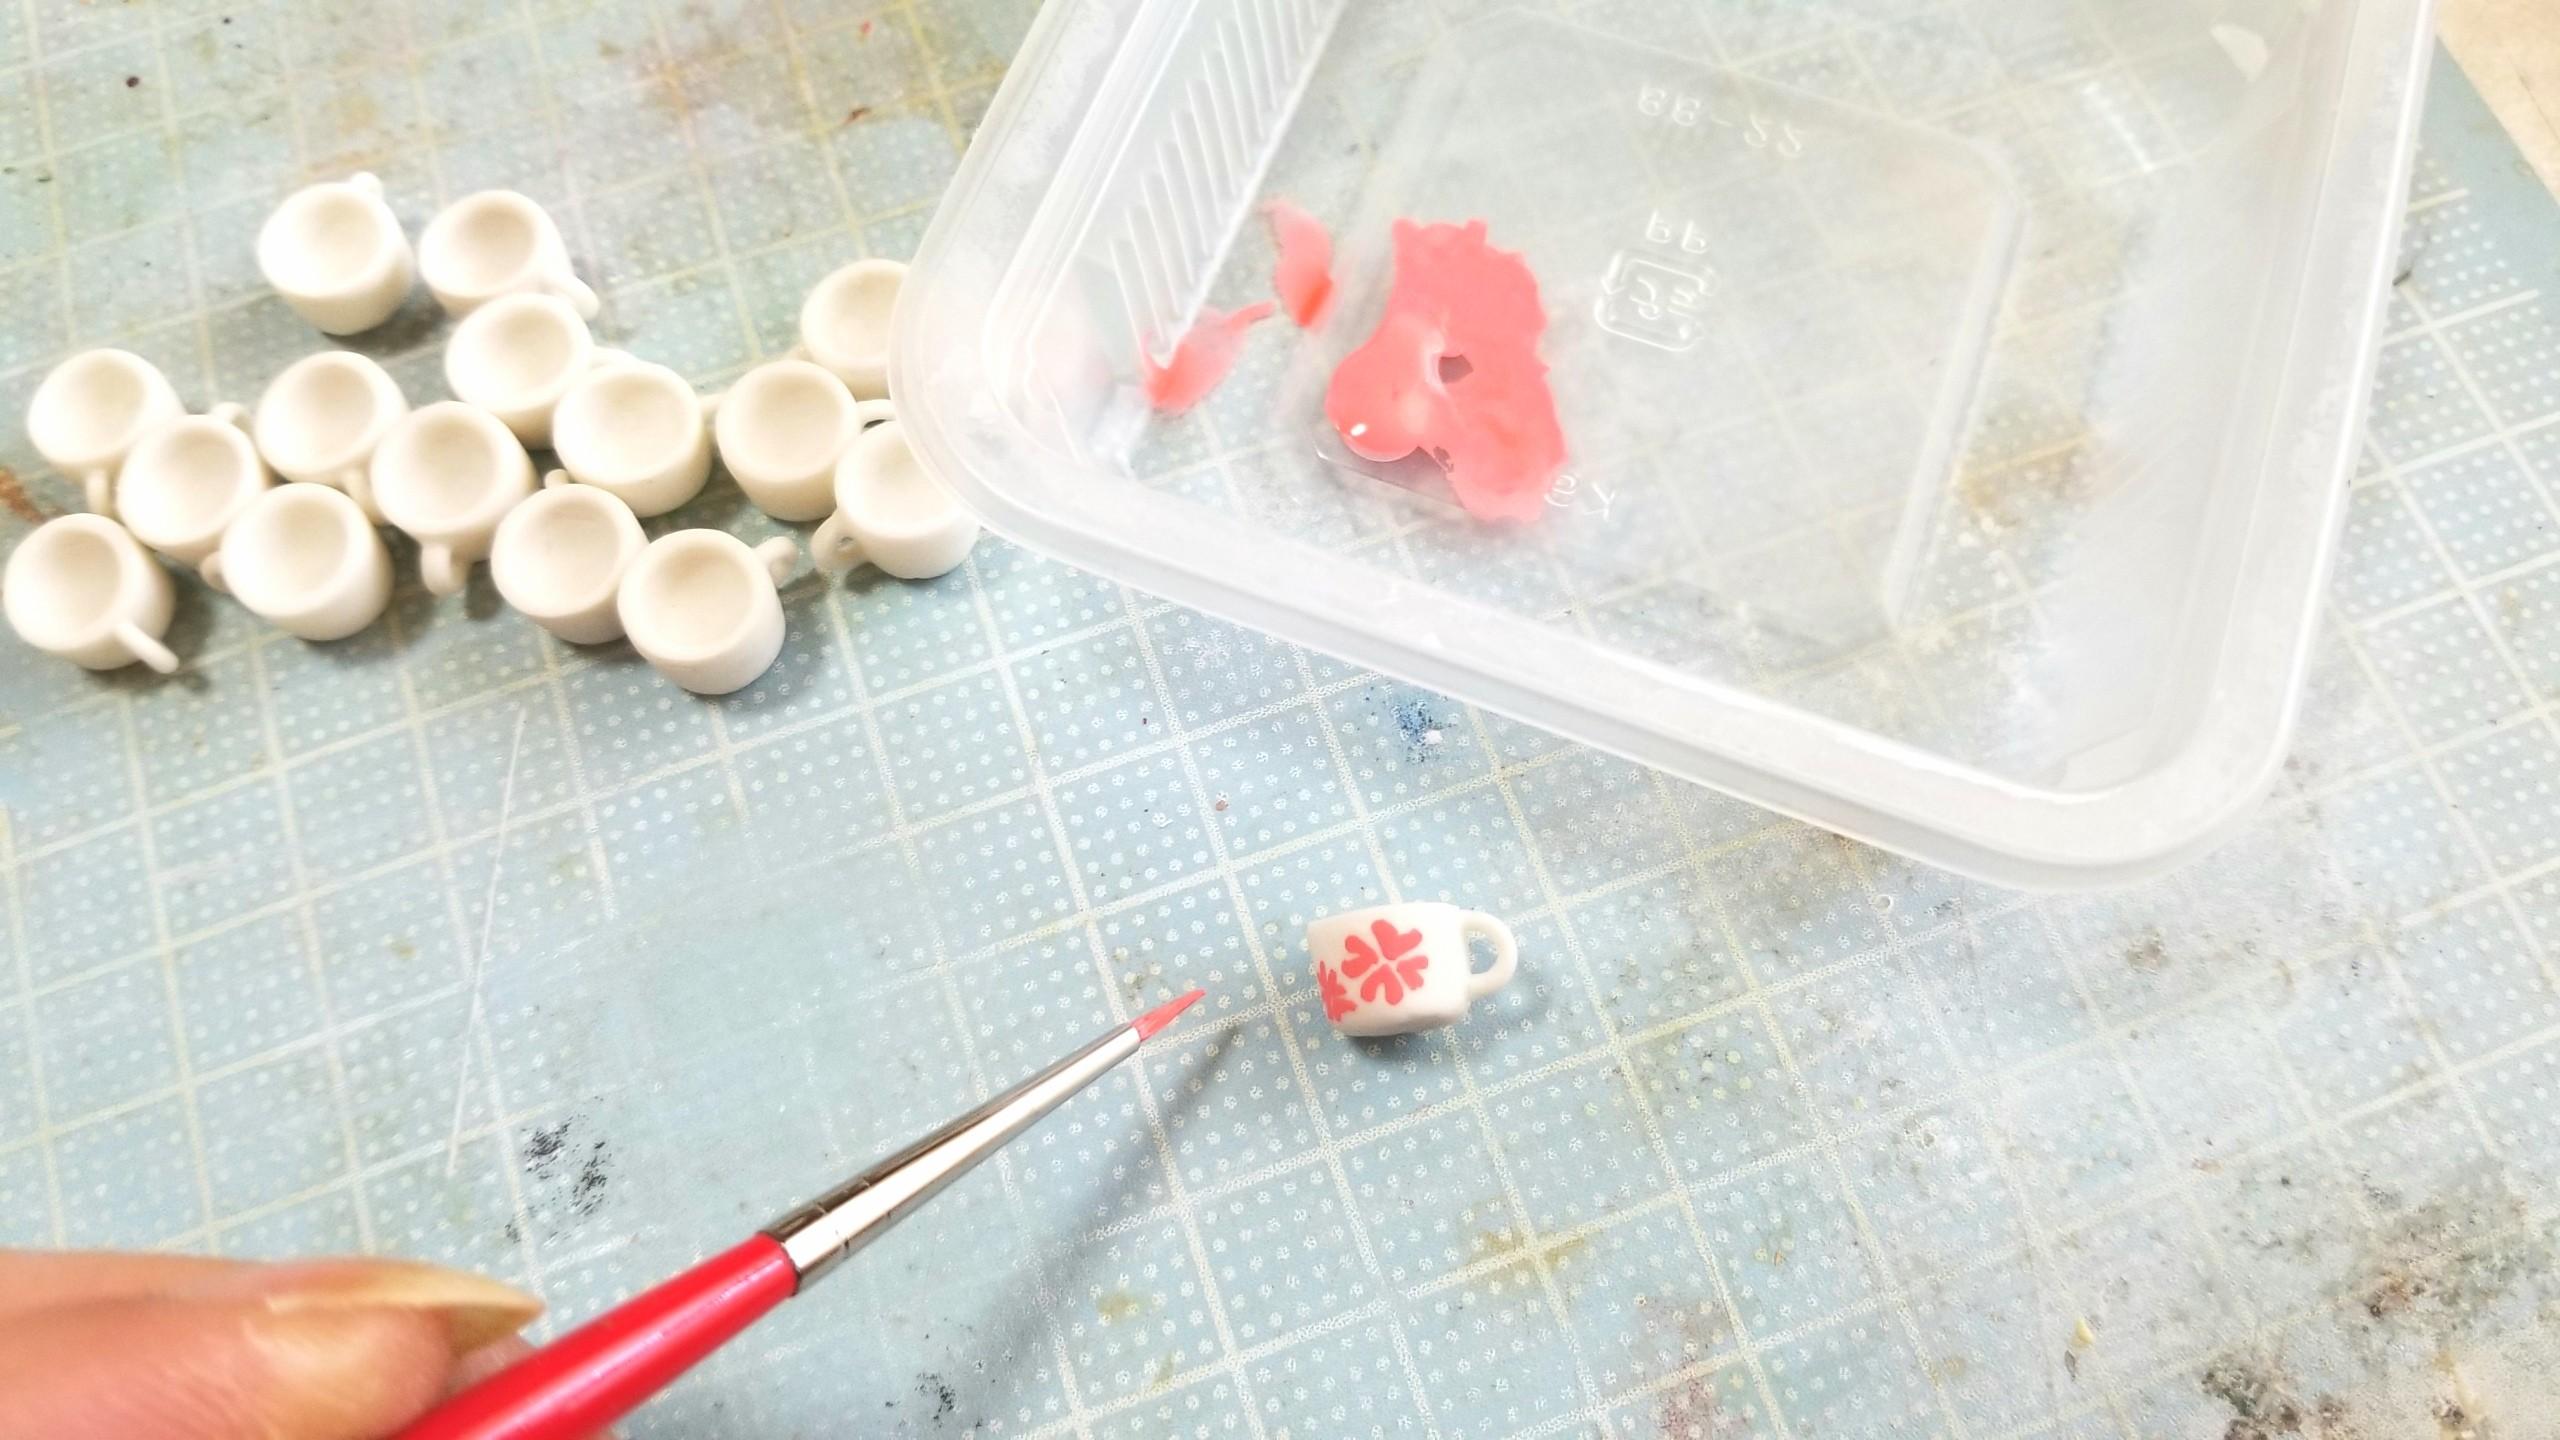 ラブティーカップ作り方,ミニチュア,樹脂粘土,フェイクフード,ドール